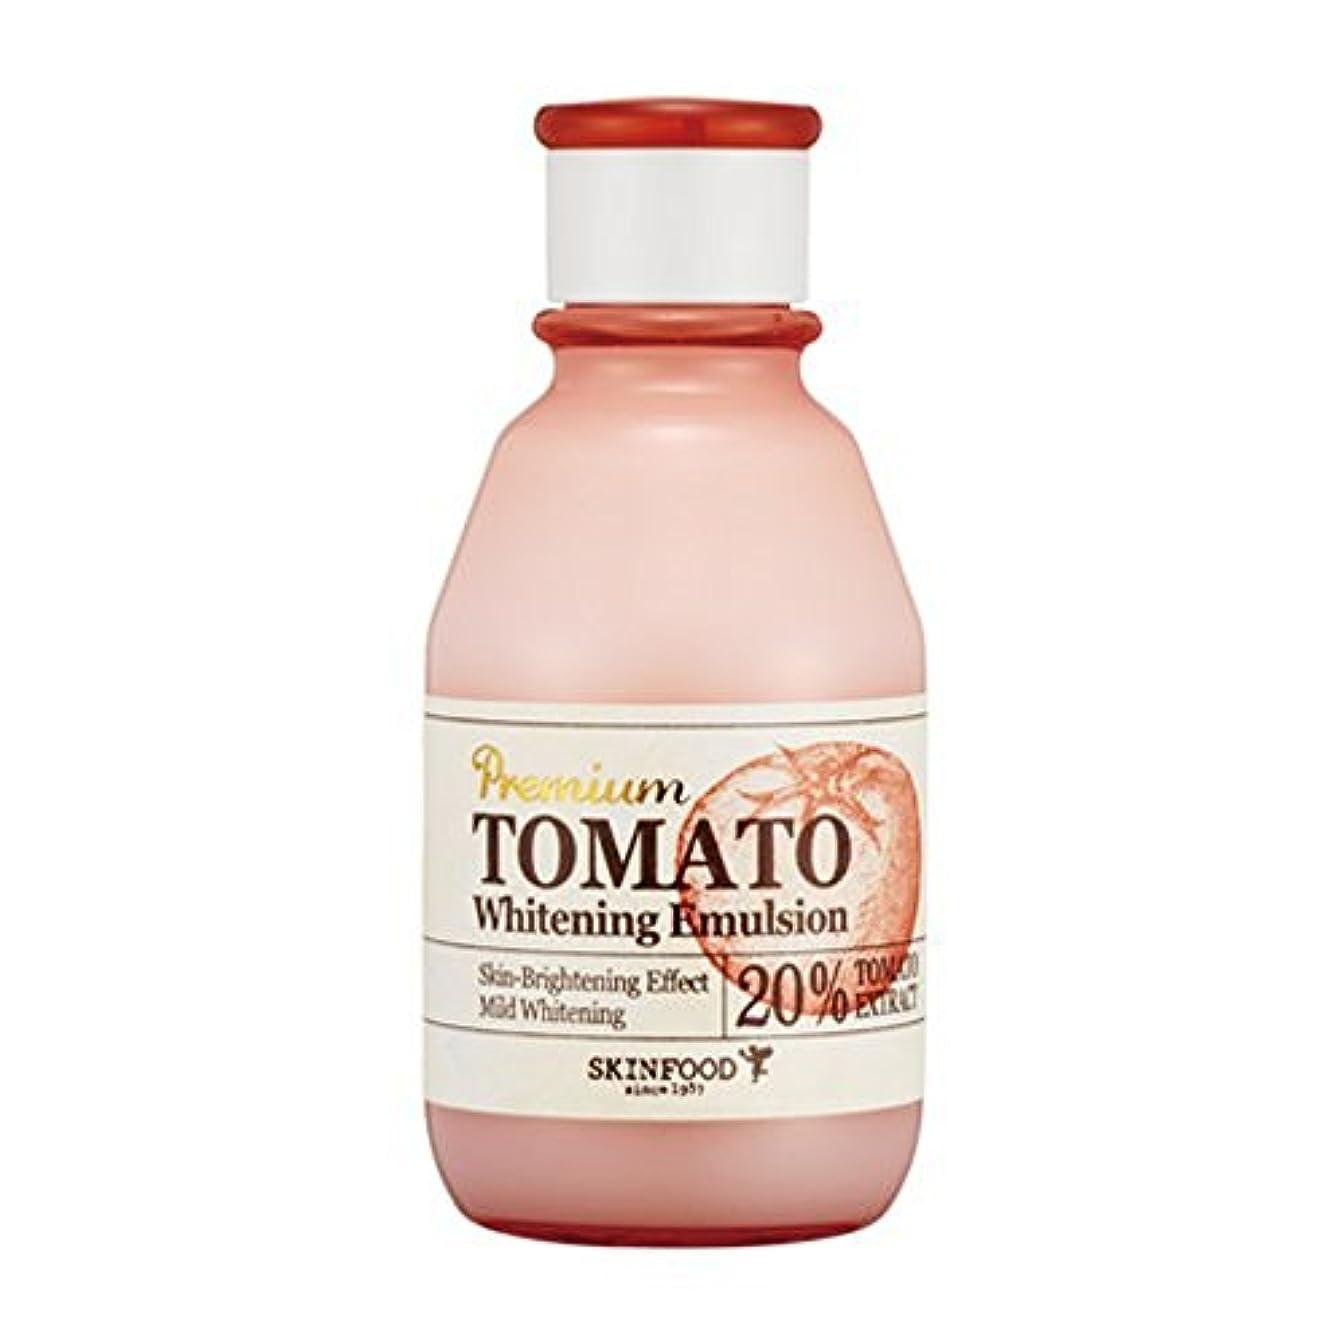 地域のオペレーターわずかにSKINFOOD スキンフード トマト?ホワイトニング?乳液?エマルジョン 140ml (Premium Tomato Whitening Emulsion) 海外直送品